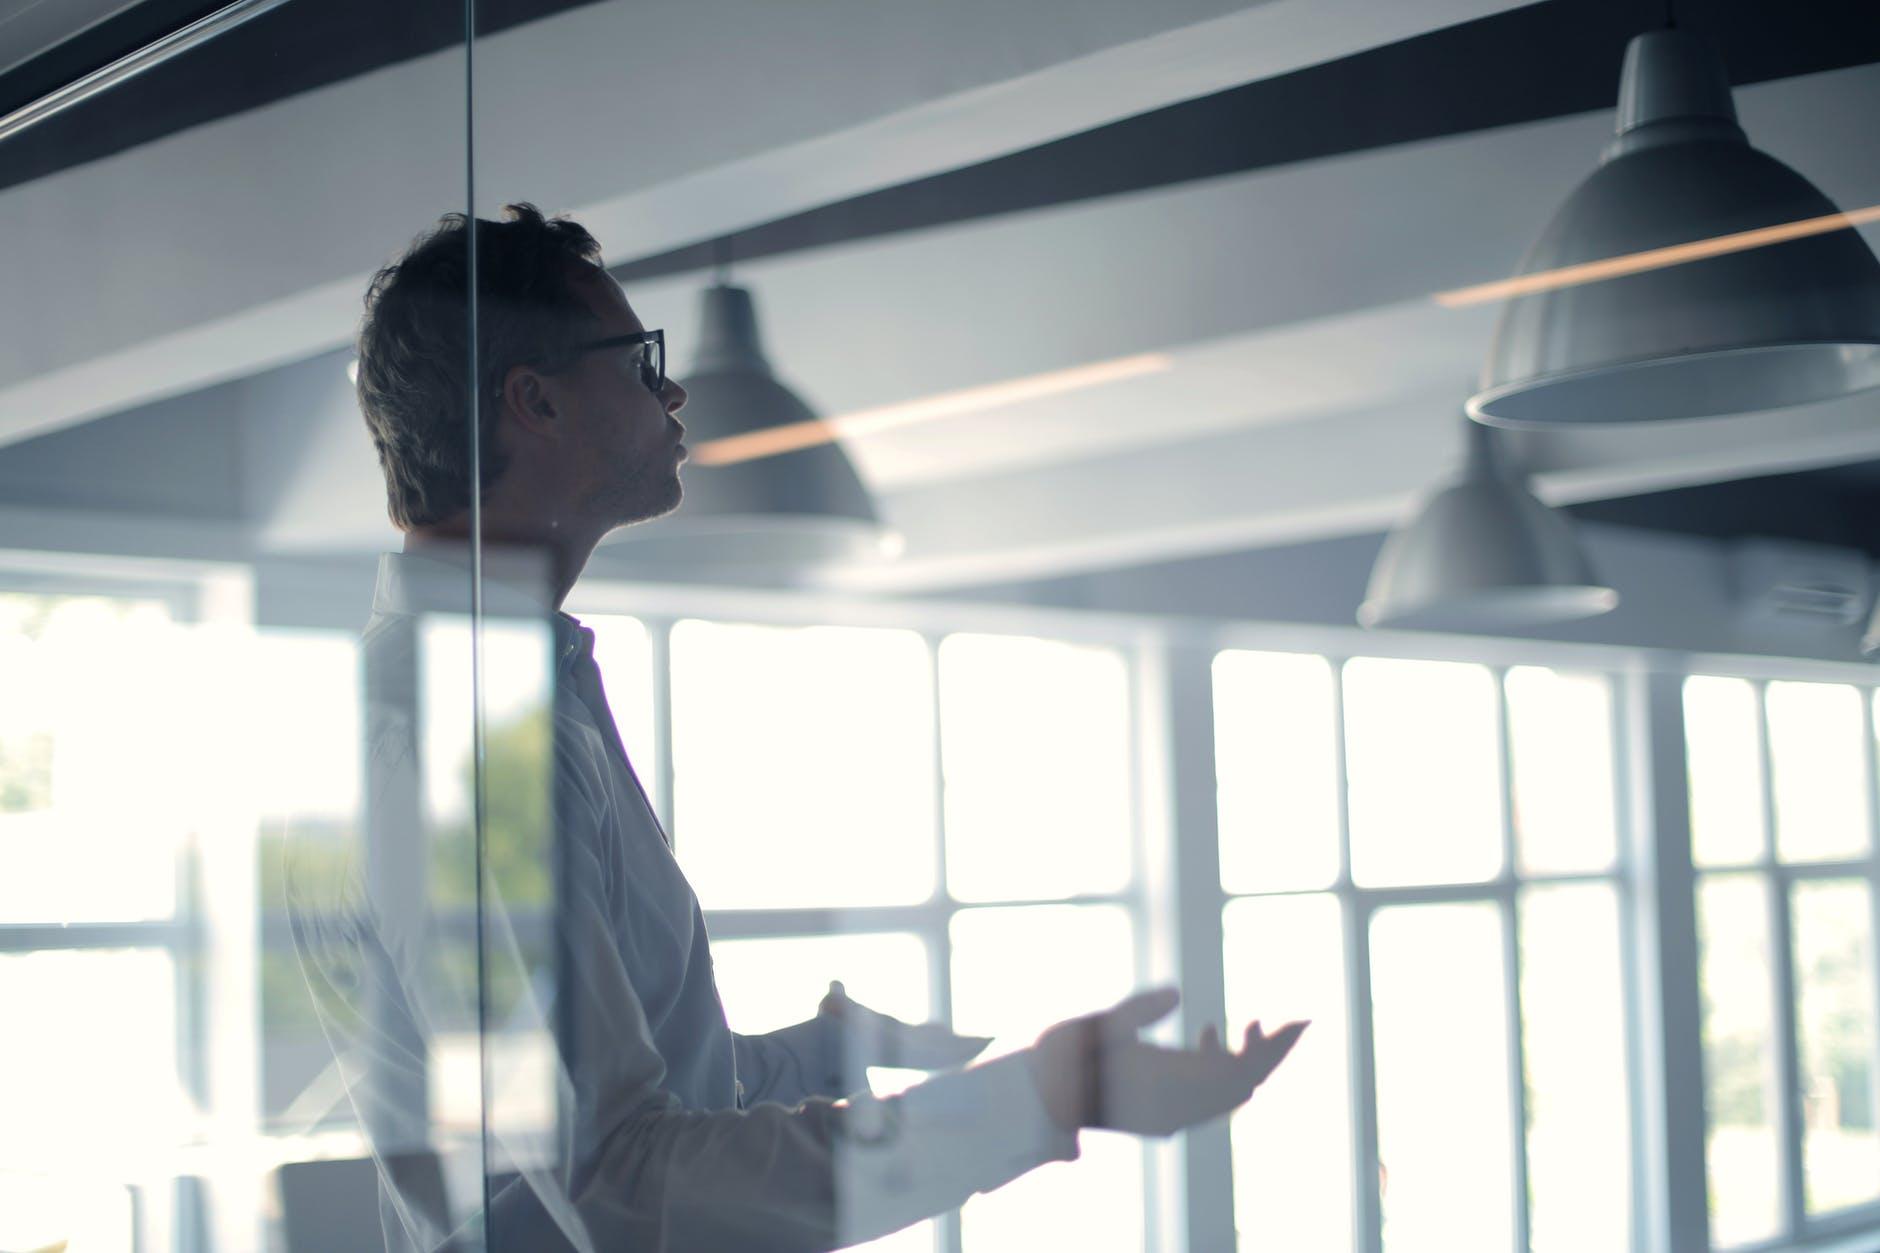 Sistematizar las bases emocionales del líder innovador: Autoconciencia y empatía